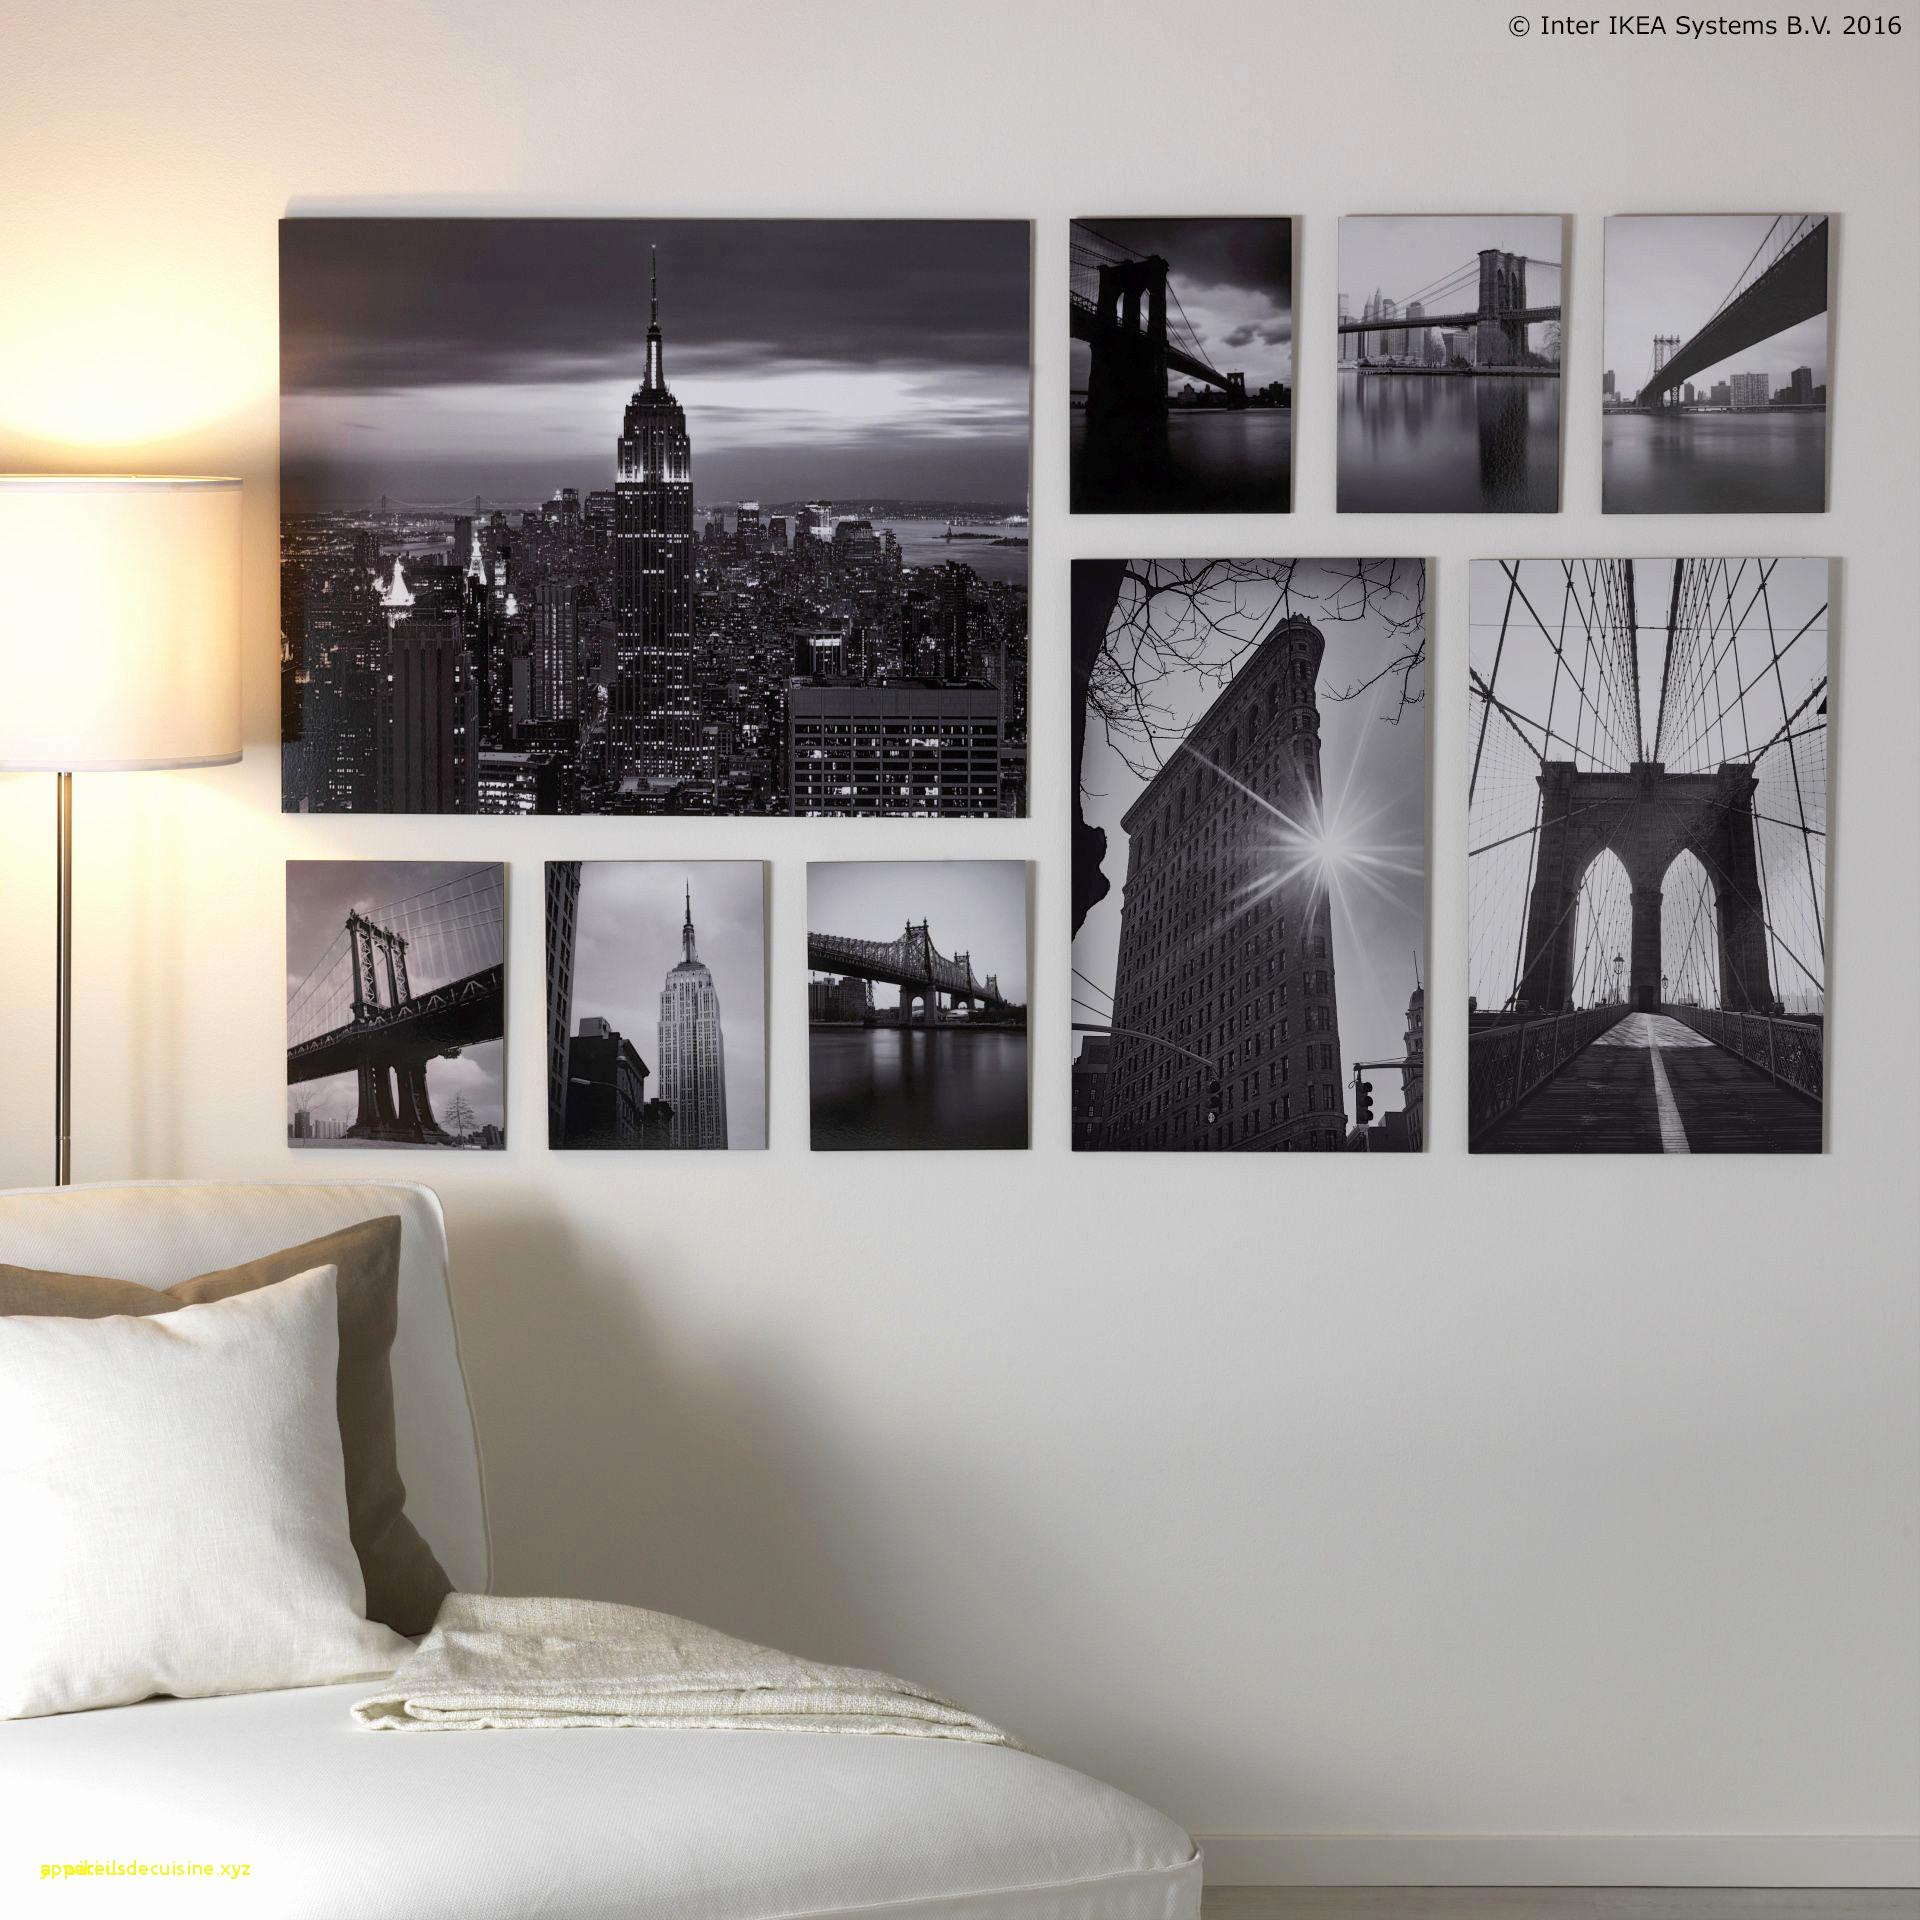 Ikea Applique Salle De Bain Meilleur De Images Appliques Murales Industrielles Mod¨le Vers Le G Te – Sullivanmaxx